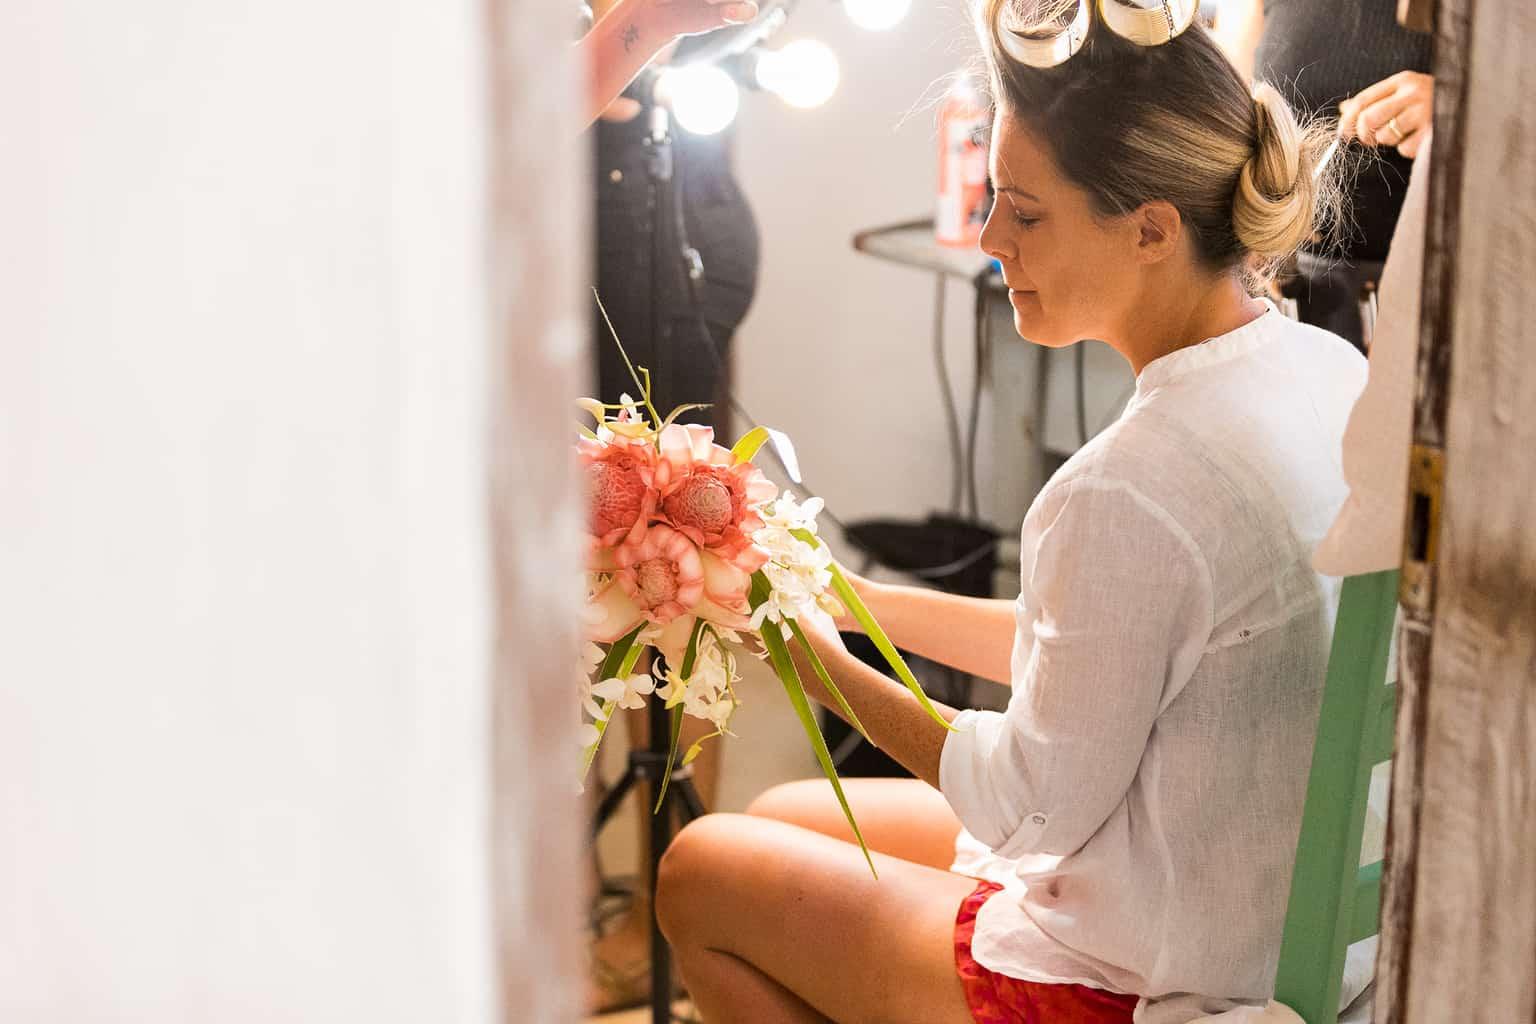 Casamento-Victoria-e-Christian-Fotografia-Tiago-Saldanha84_MG_0260